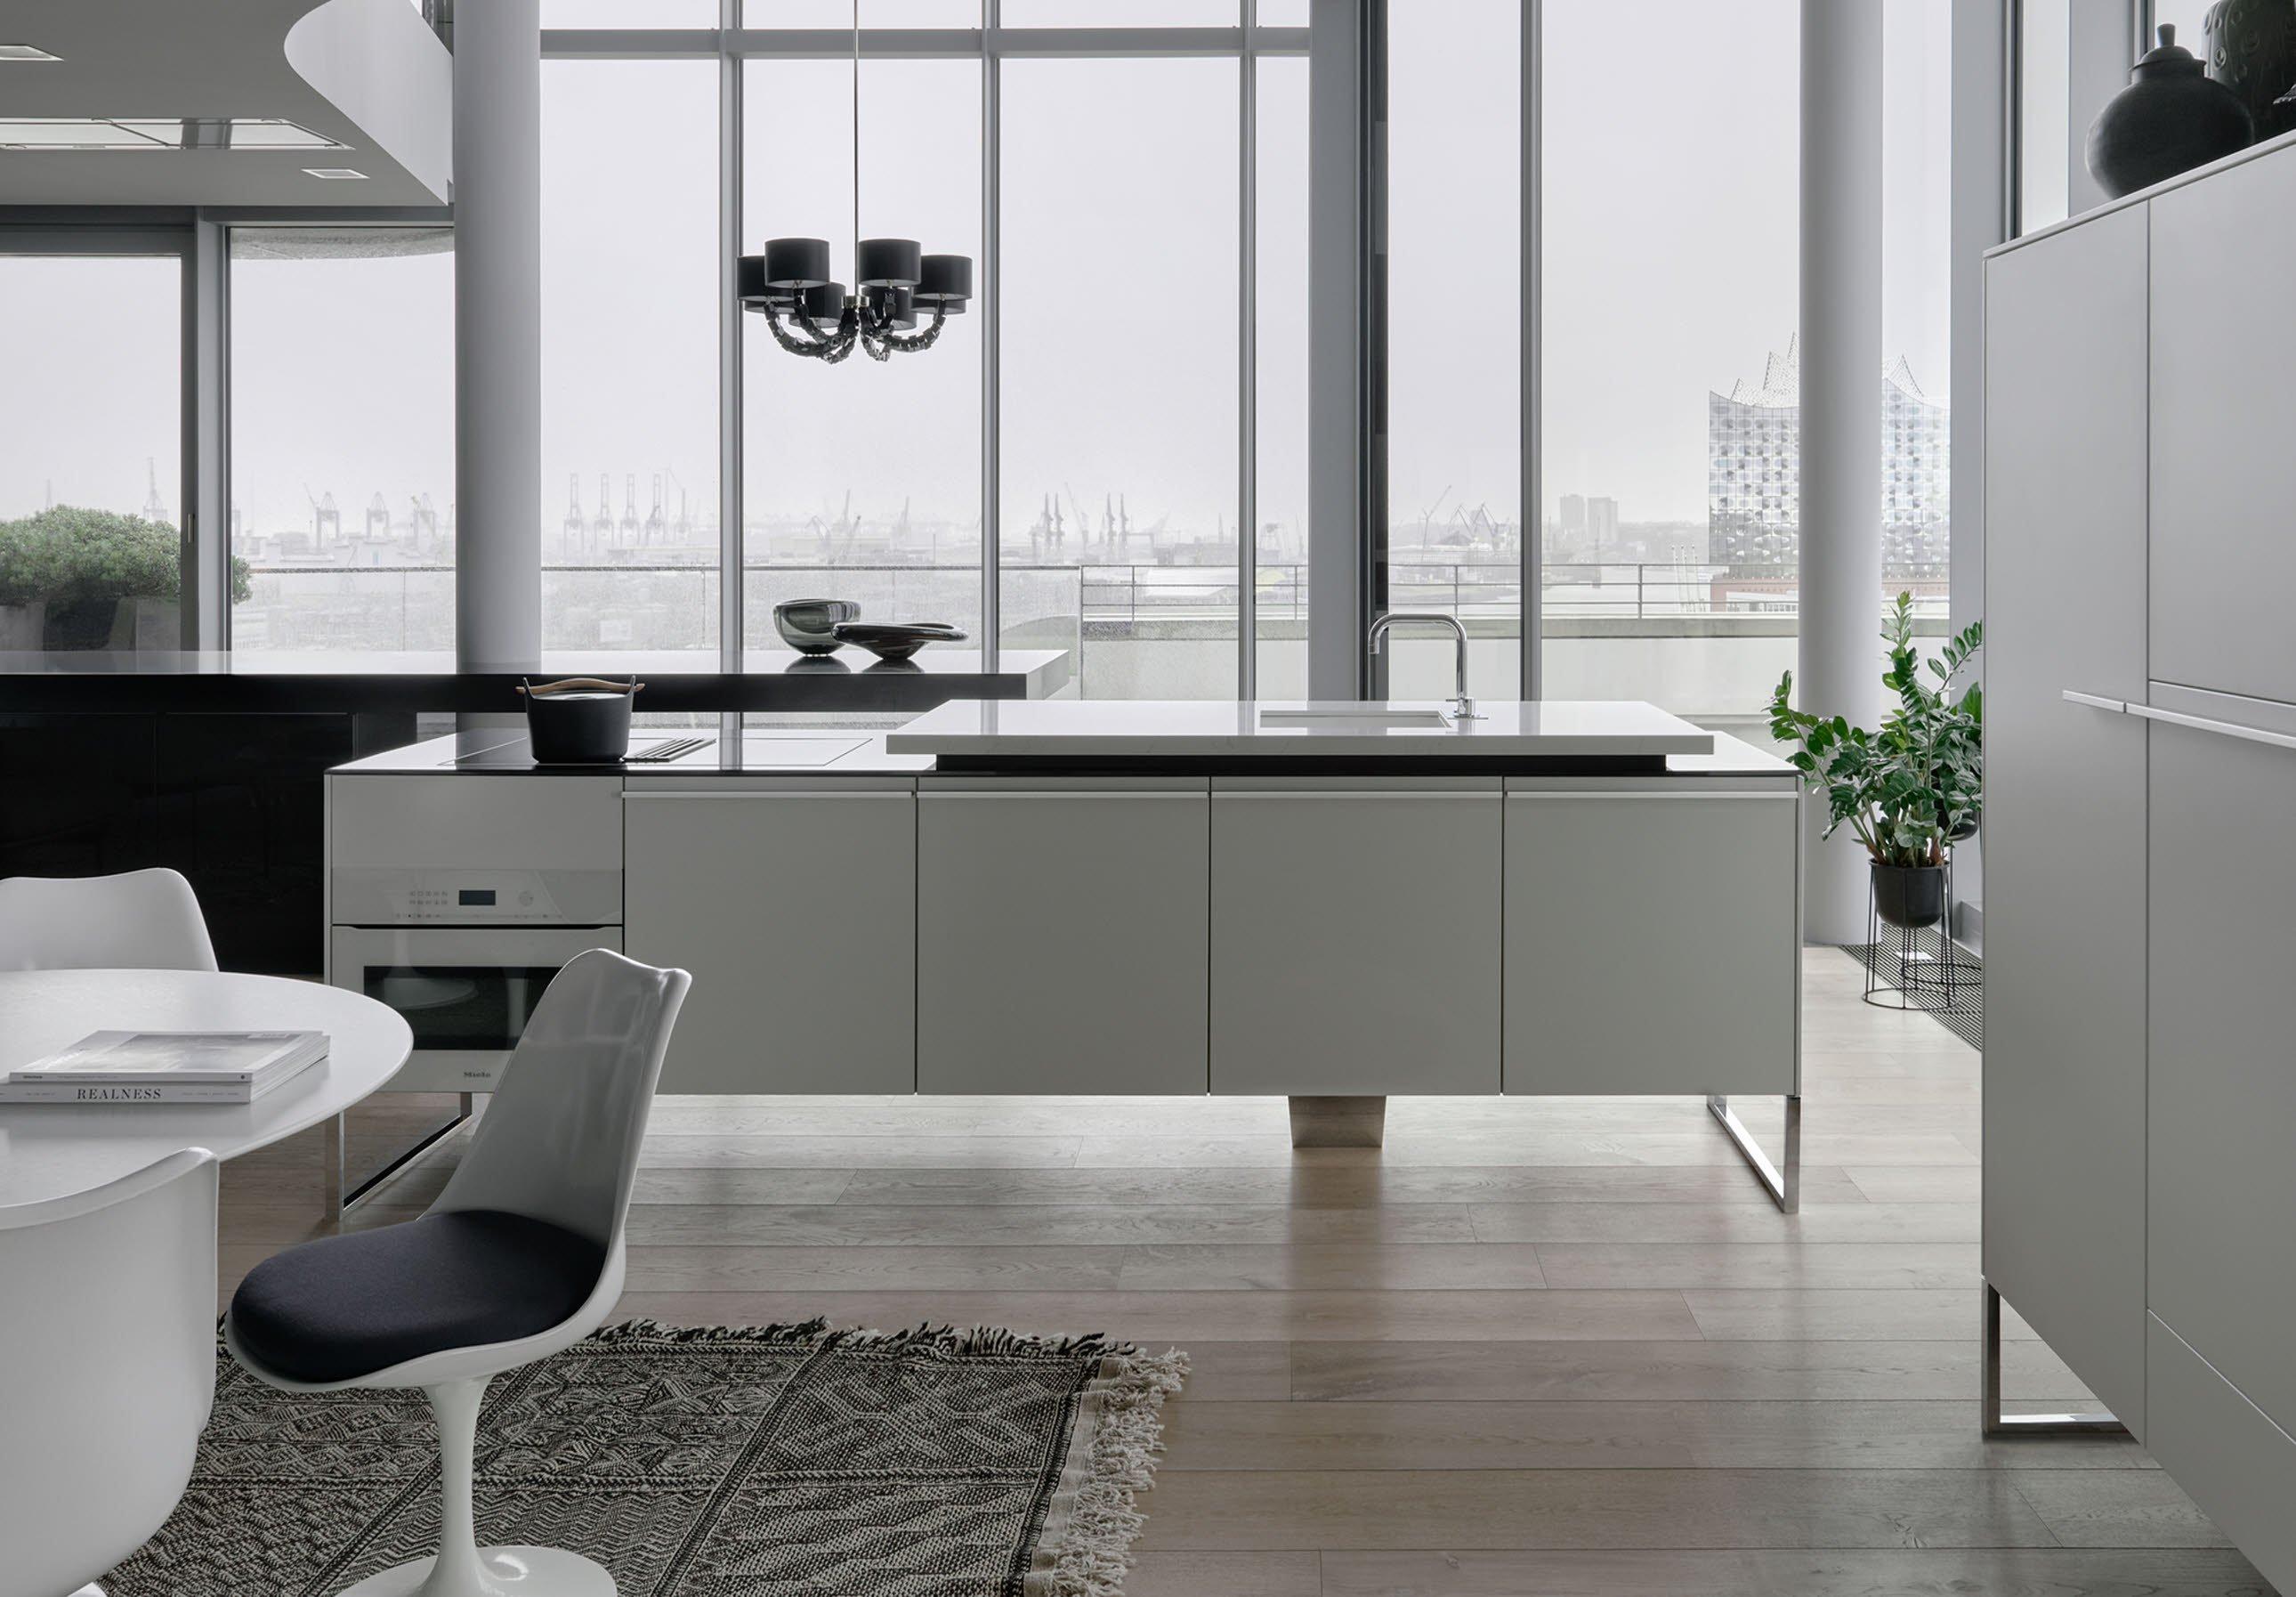 Interieur met multifunctioneel keukenmeubel - kookeiland +VENOVO van Poggenpohl. Design voor elke interieurstijl met stijlvol en zwevend meubel #poggenpohl #venovo #kookeiland #keukeneiland #keukenmeubel #keuken #keukeninspiratie #keukendesign #design